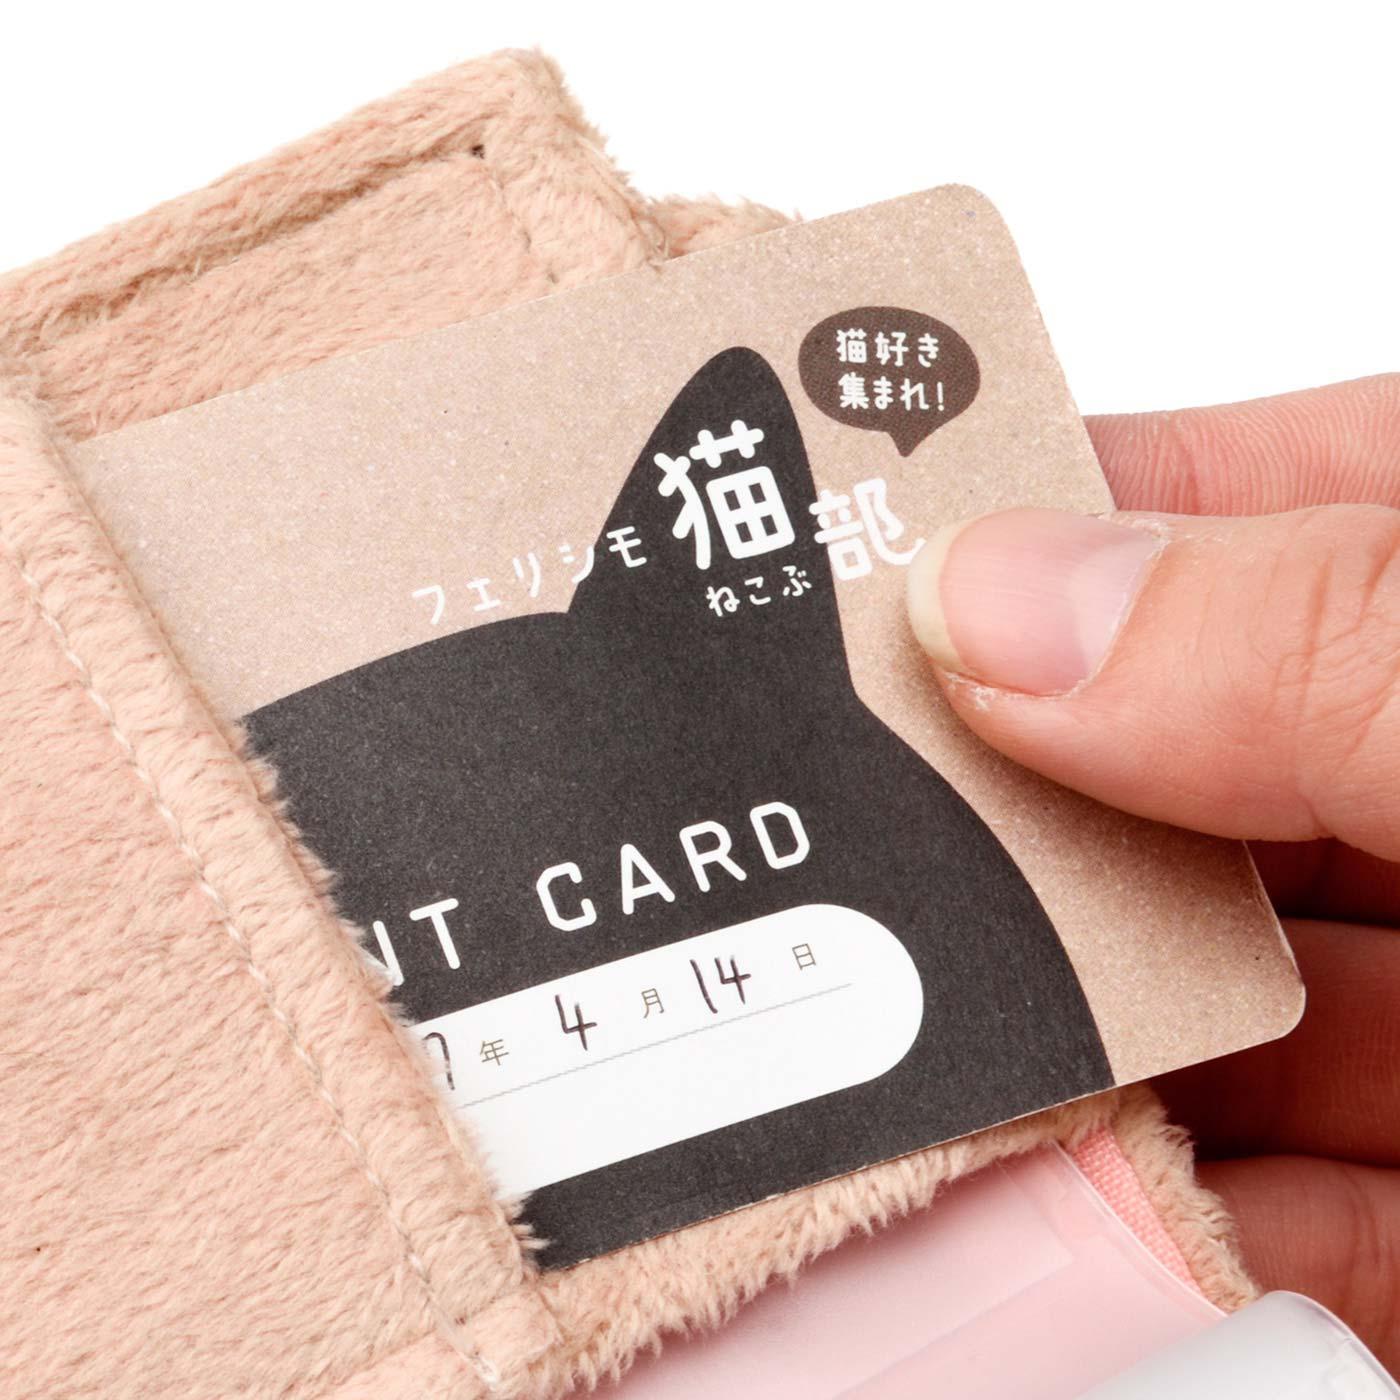 もふもふポケットにもカードが収納できます。